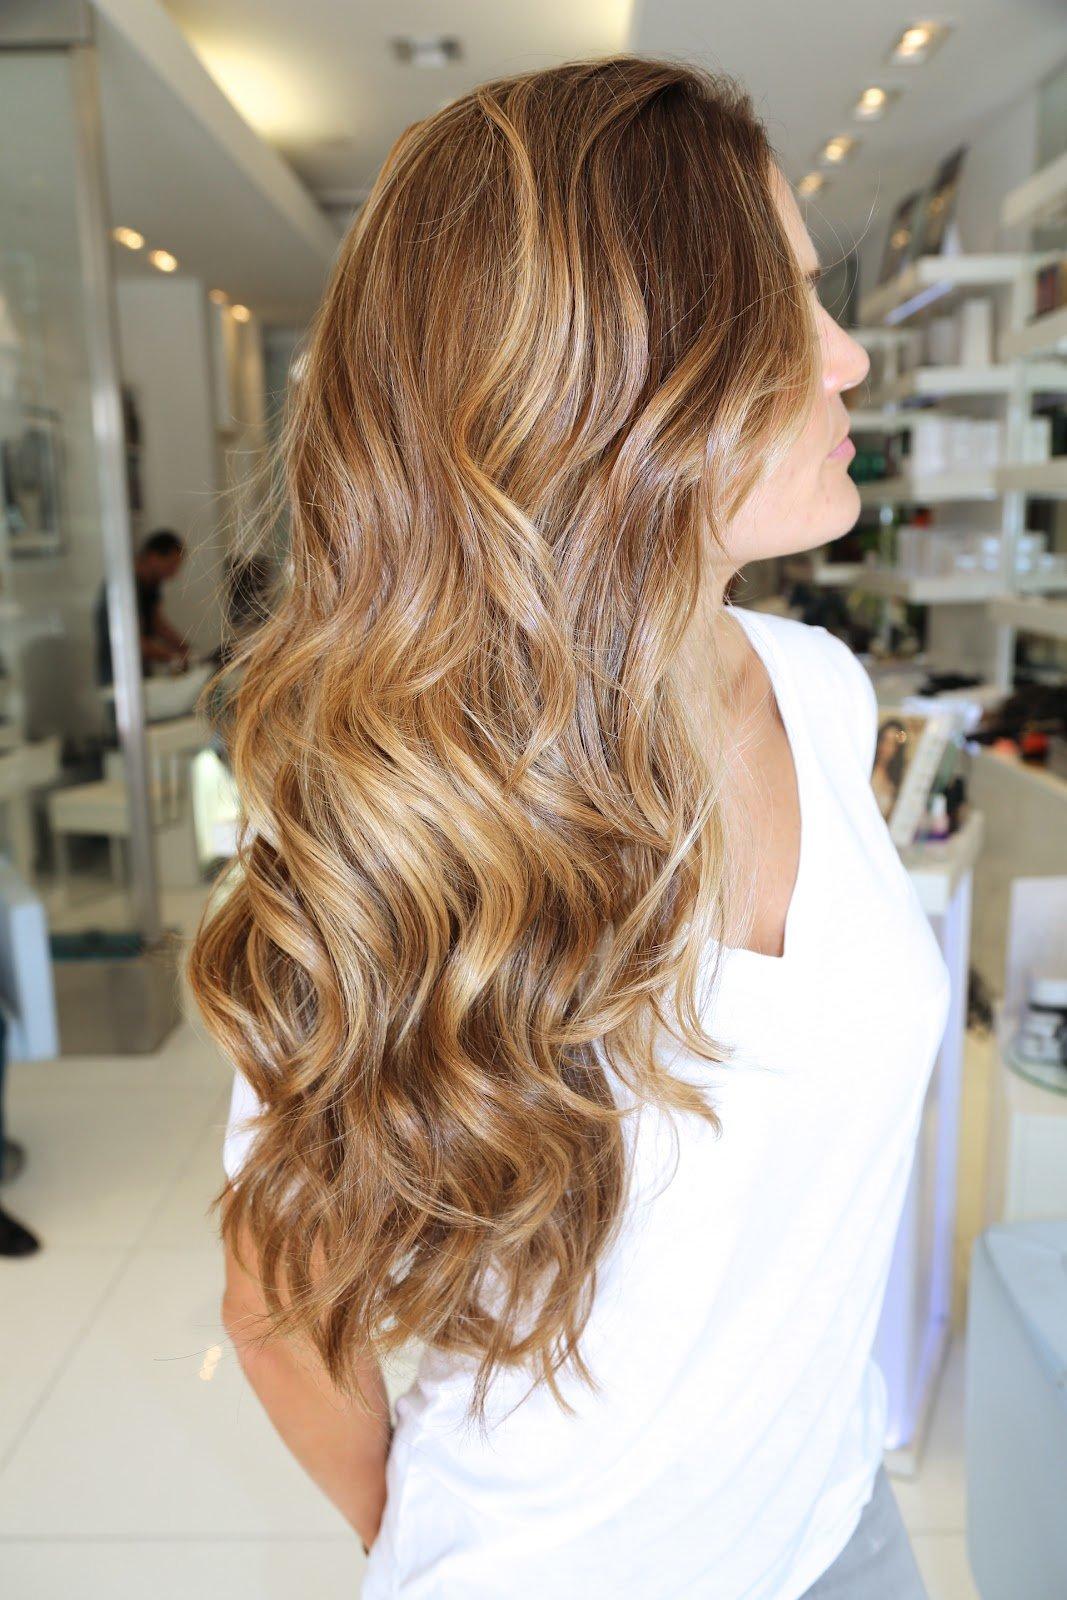 Как из темного цвета волос перекраситься в русый цвет волос